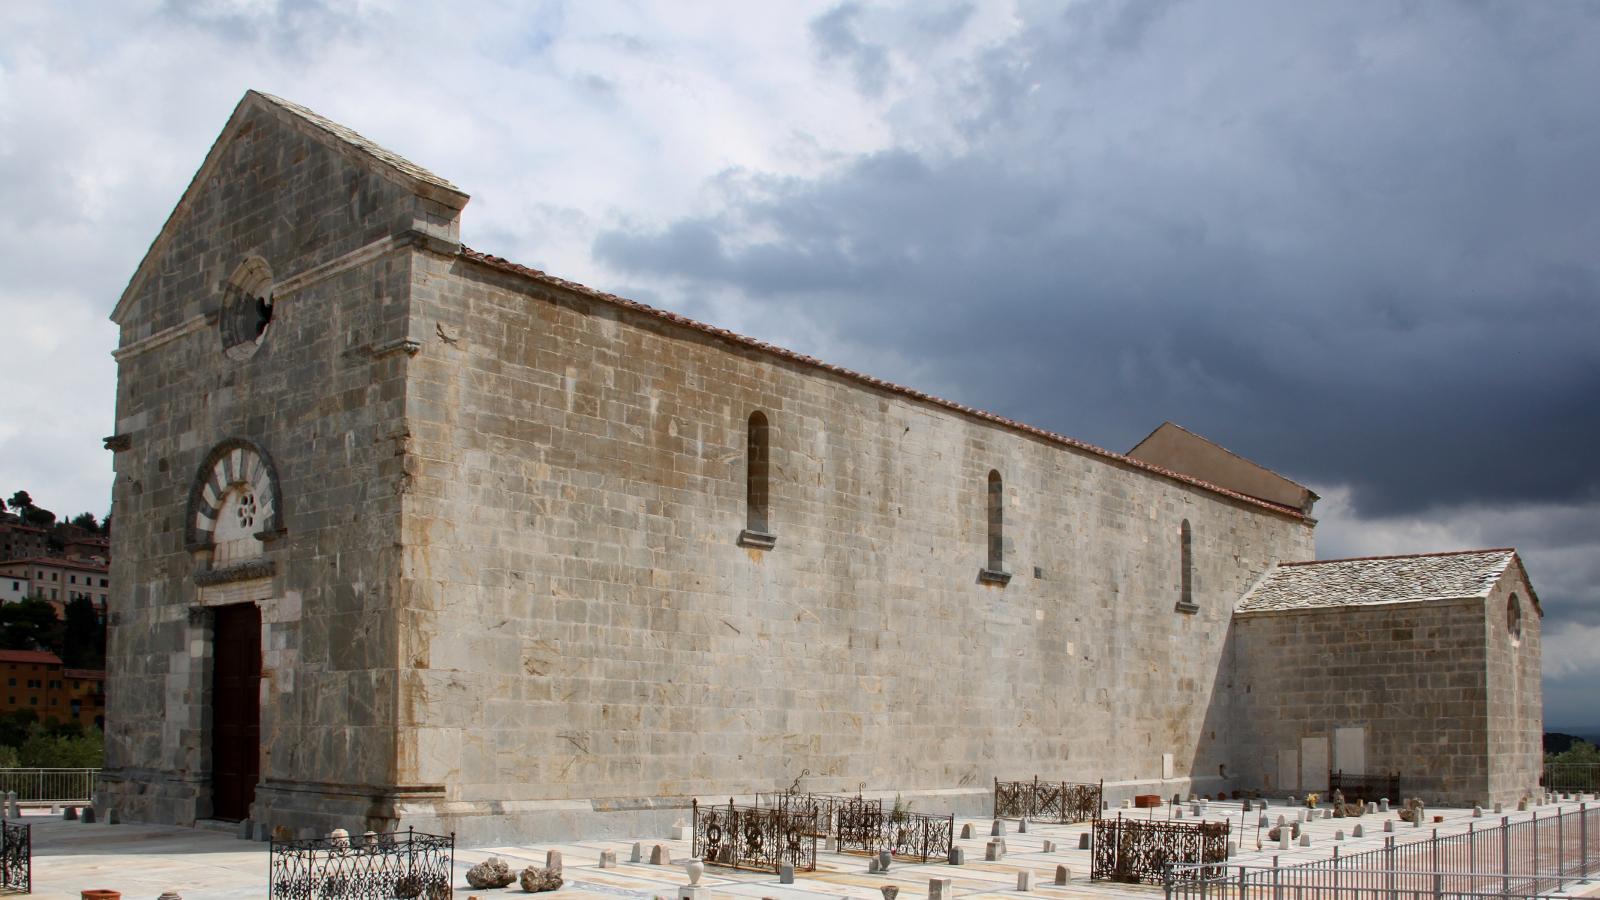 Campiglia Marittima: Pieve di San Giovanni - LepoRello (Wikipedia)